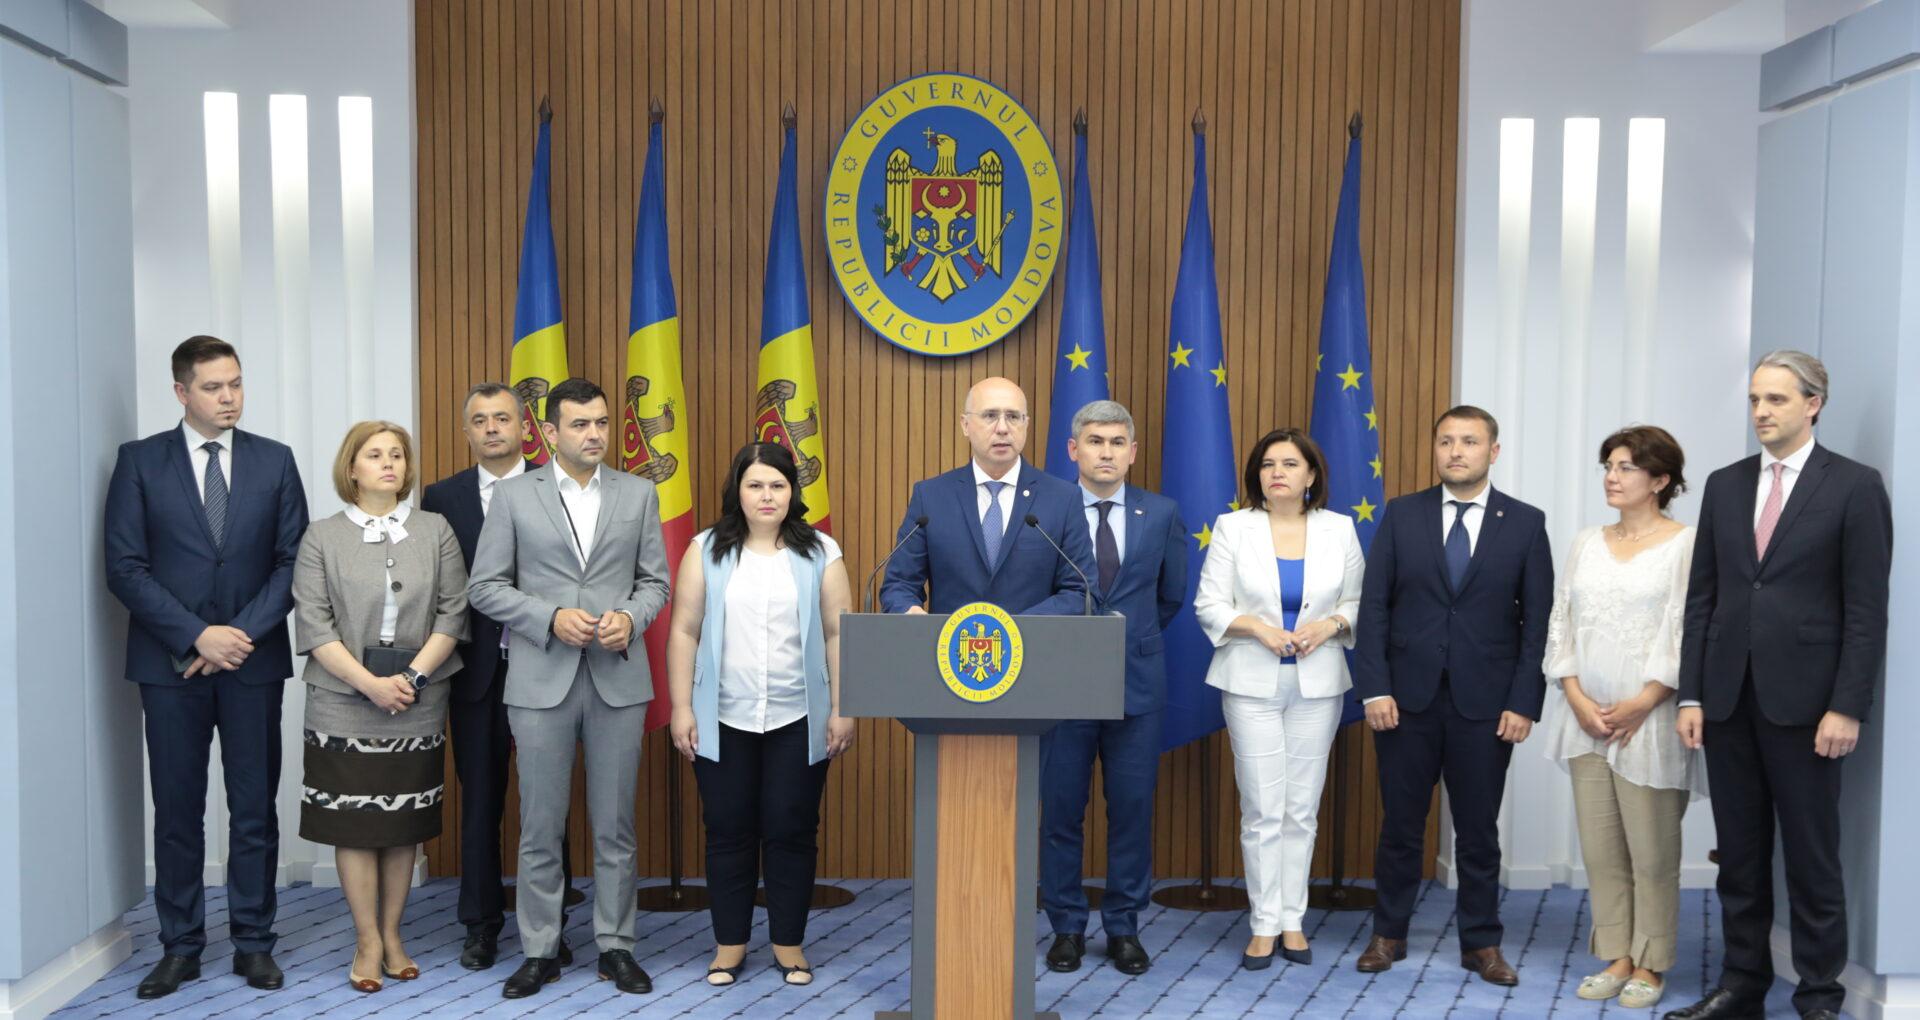 Cabinetul de miniștri a retras din Parlament și a abrogat un proiect de lege aprobat de Guvernul Filip